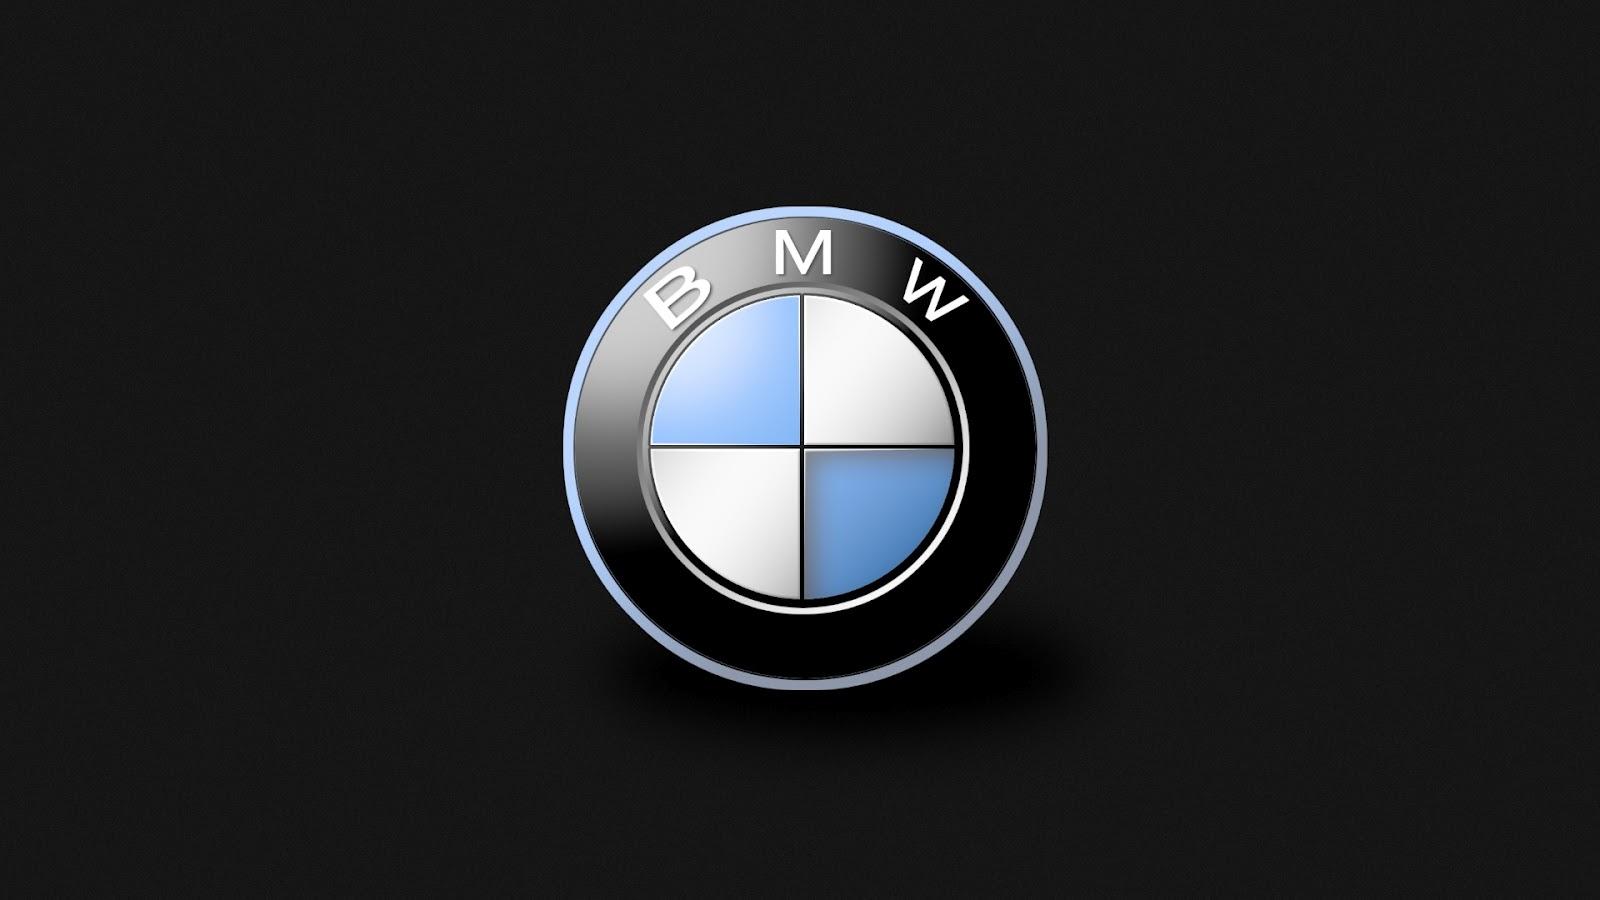 Car logos wallpapers wallpapersafari - Car logo wallpapers ...